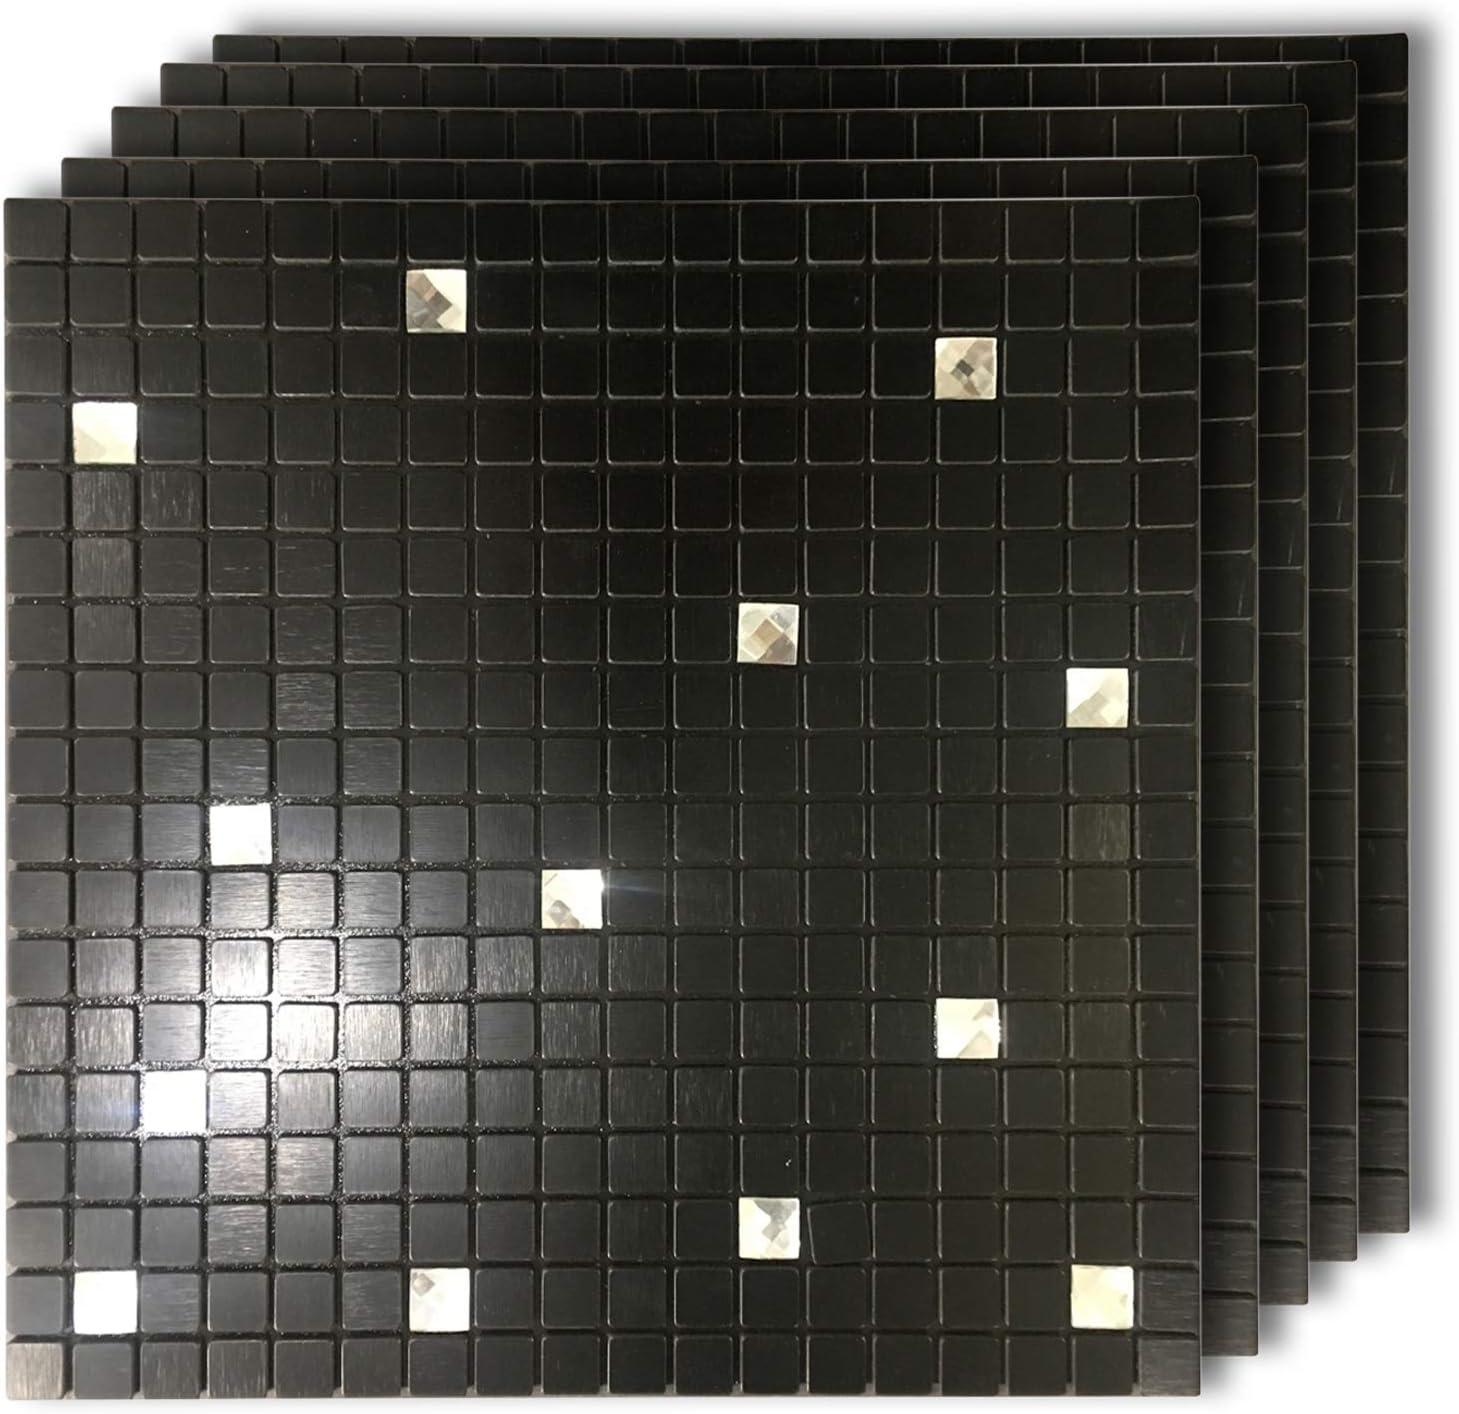 - Amazon.com: HomeyMosaic Peel And Stick Tile Backsplash Stick On